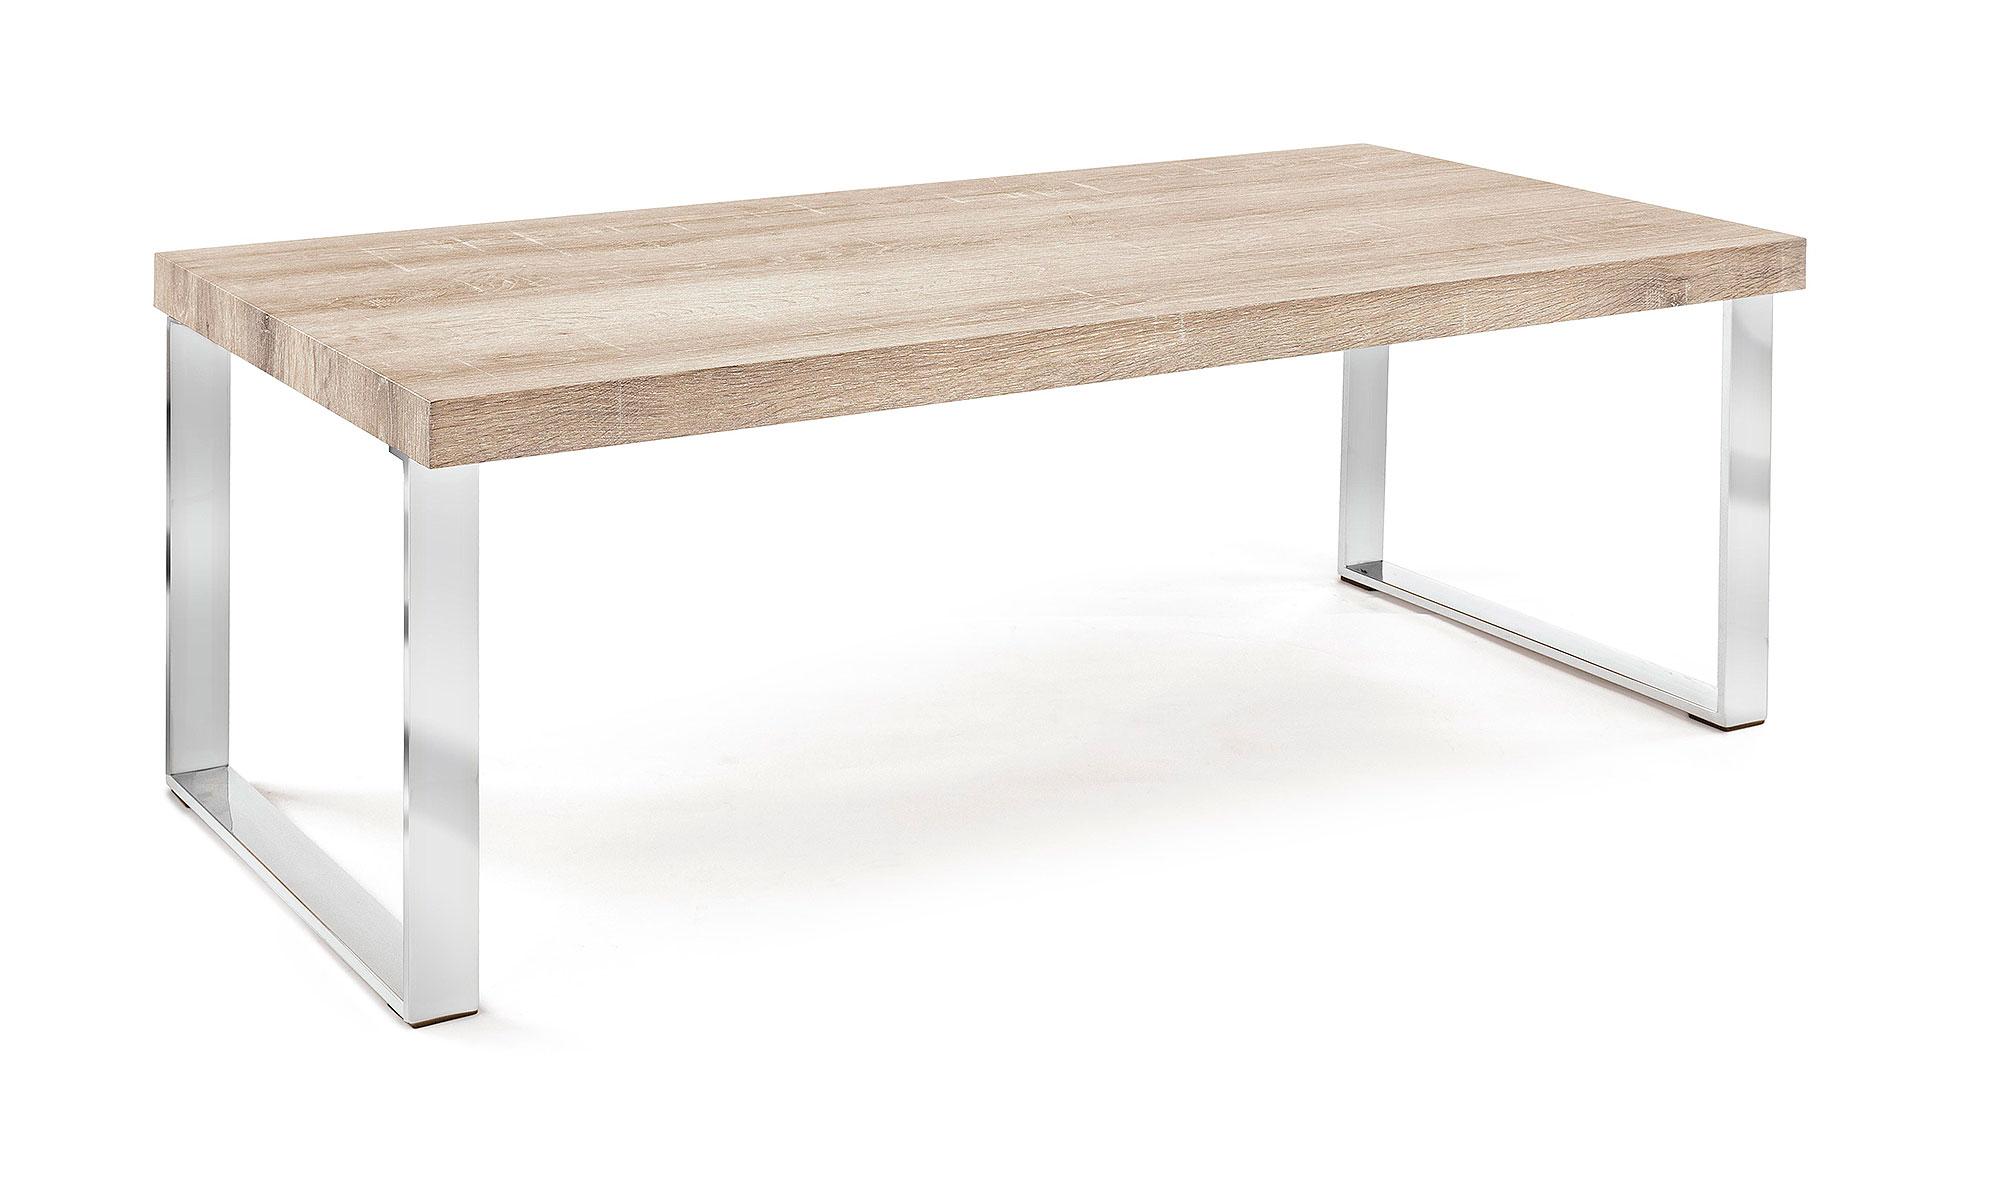 Consultorio sobre muebles online y decoraci n en for Portobello muebles online